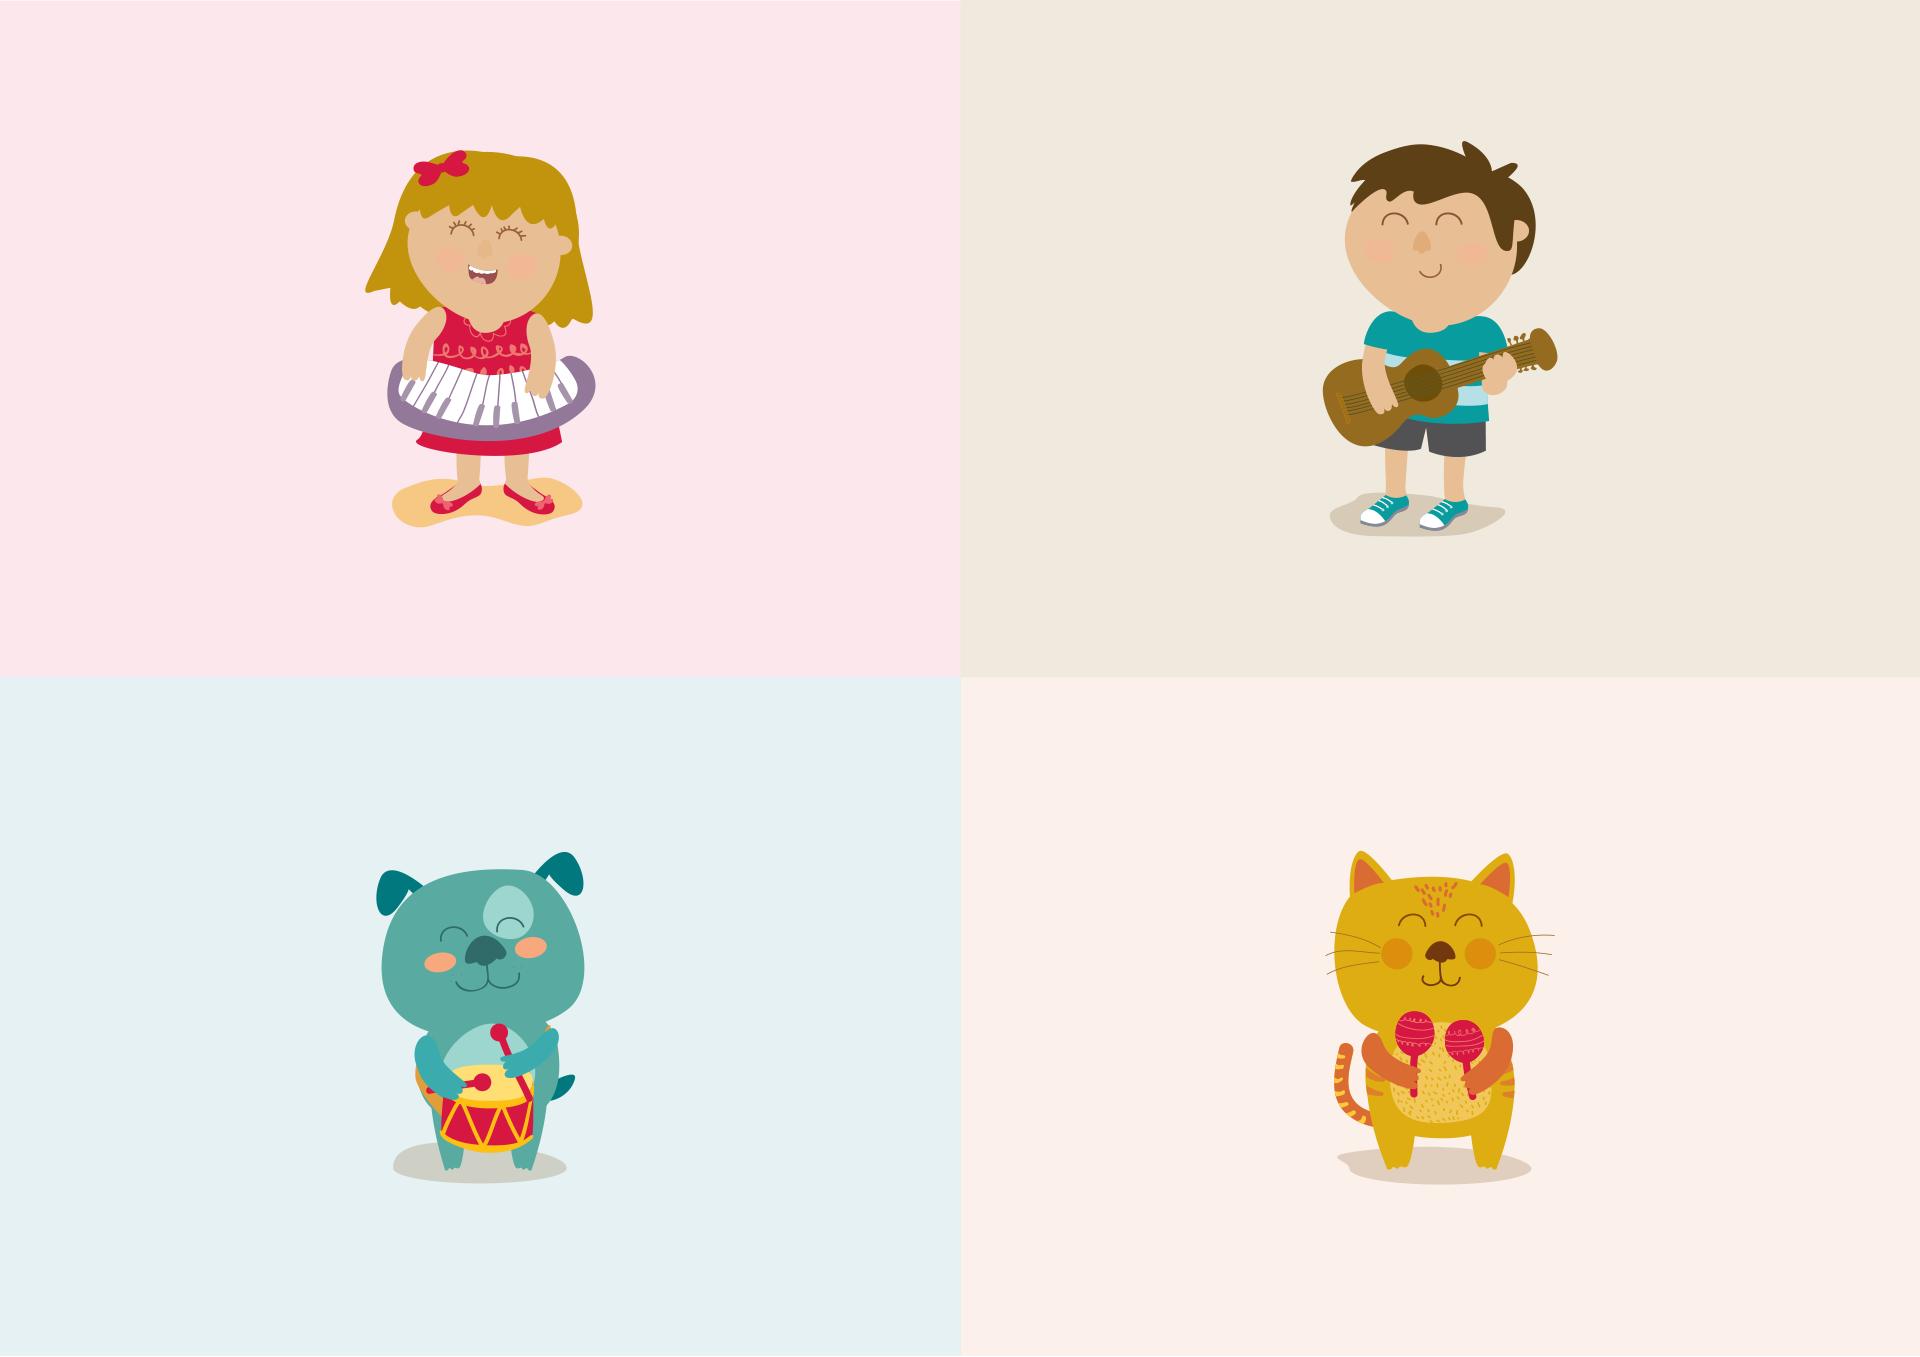 ilustración_personajes_cancion_cumple_2